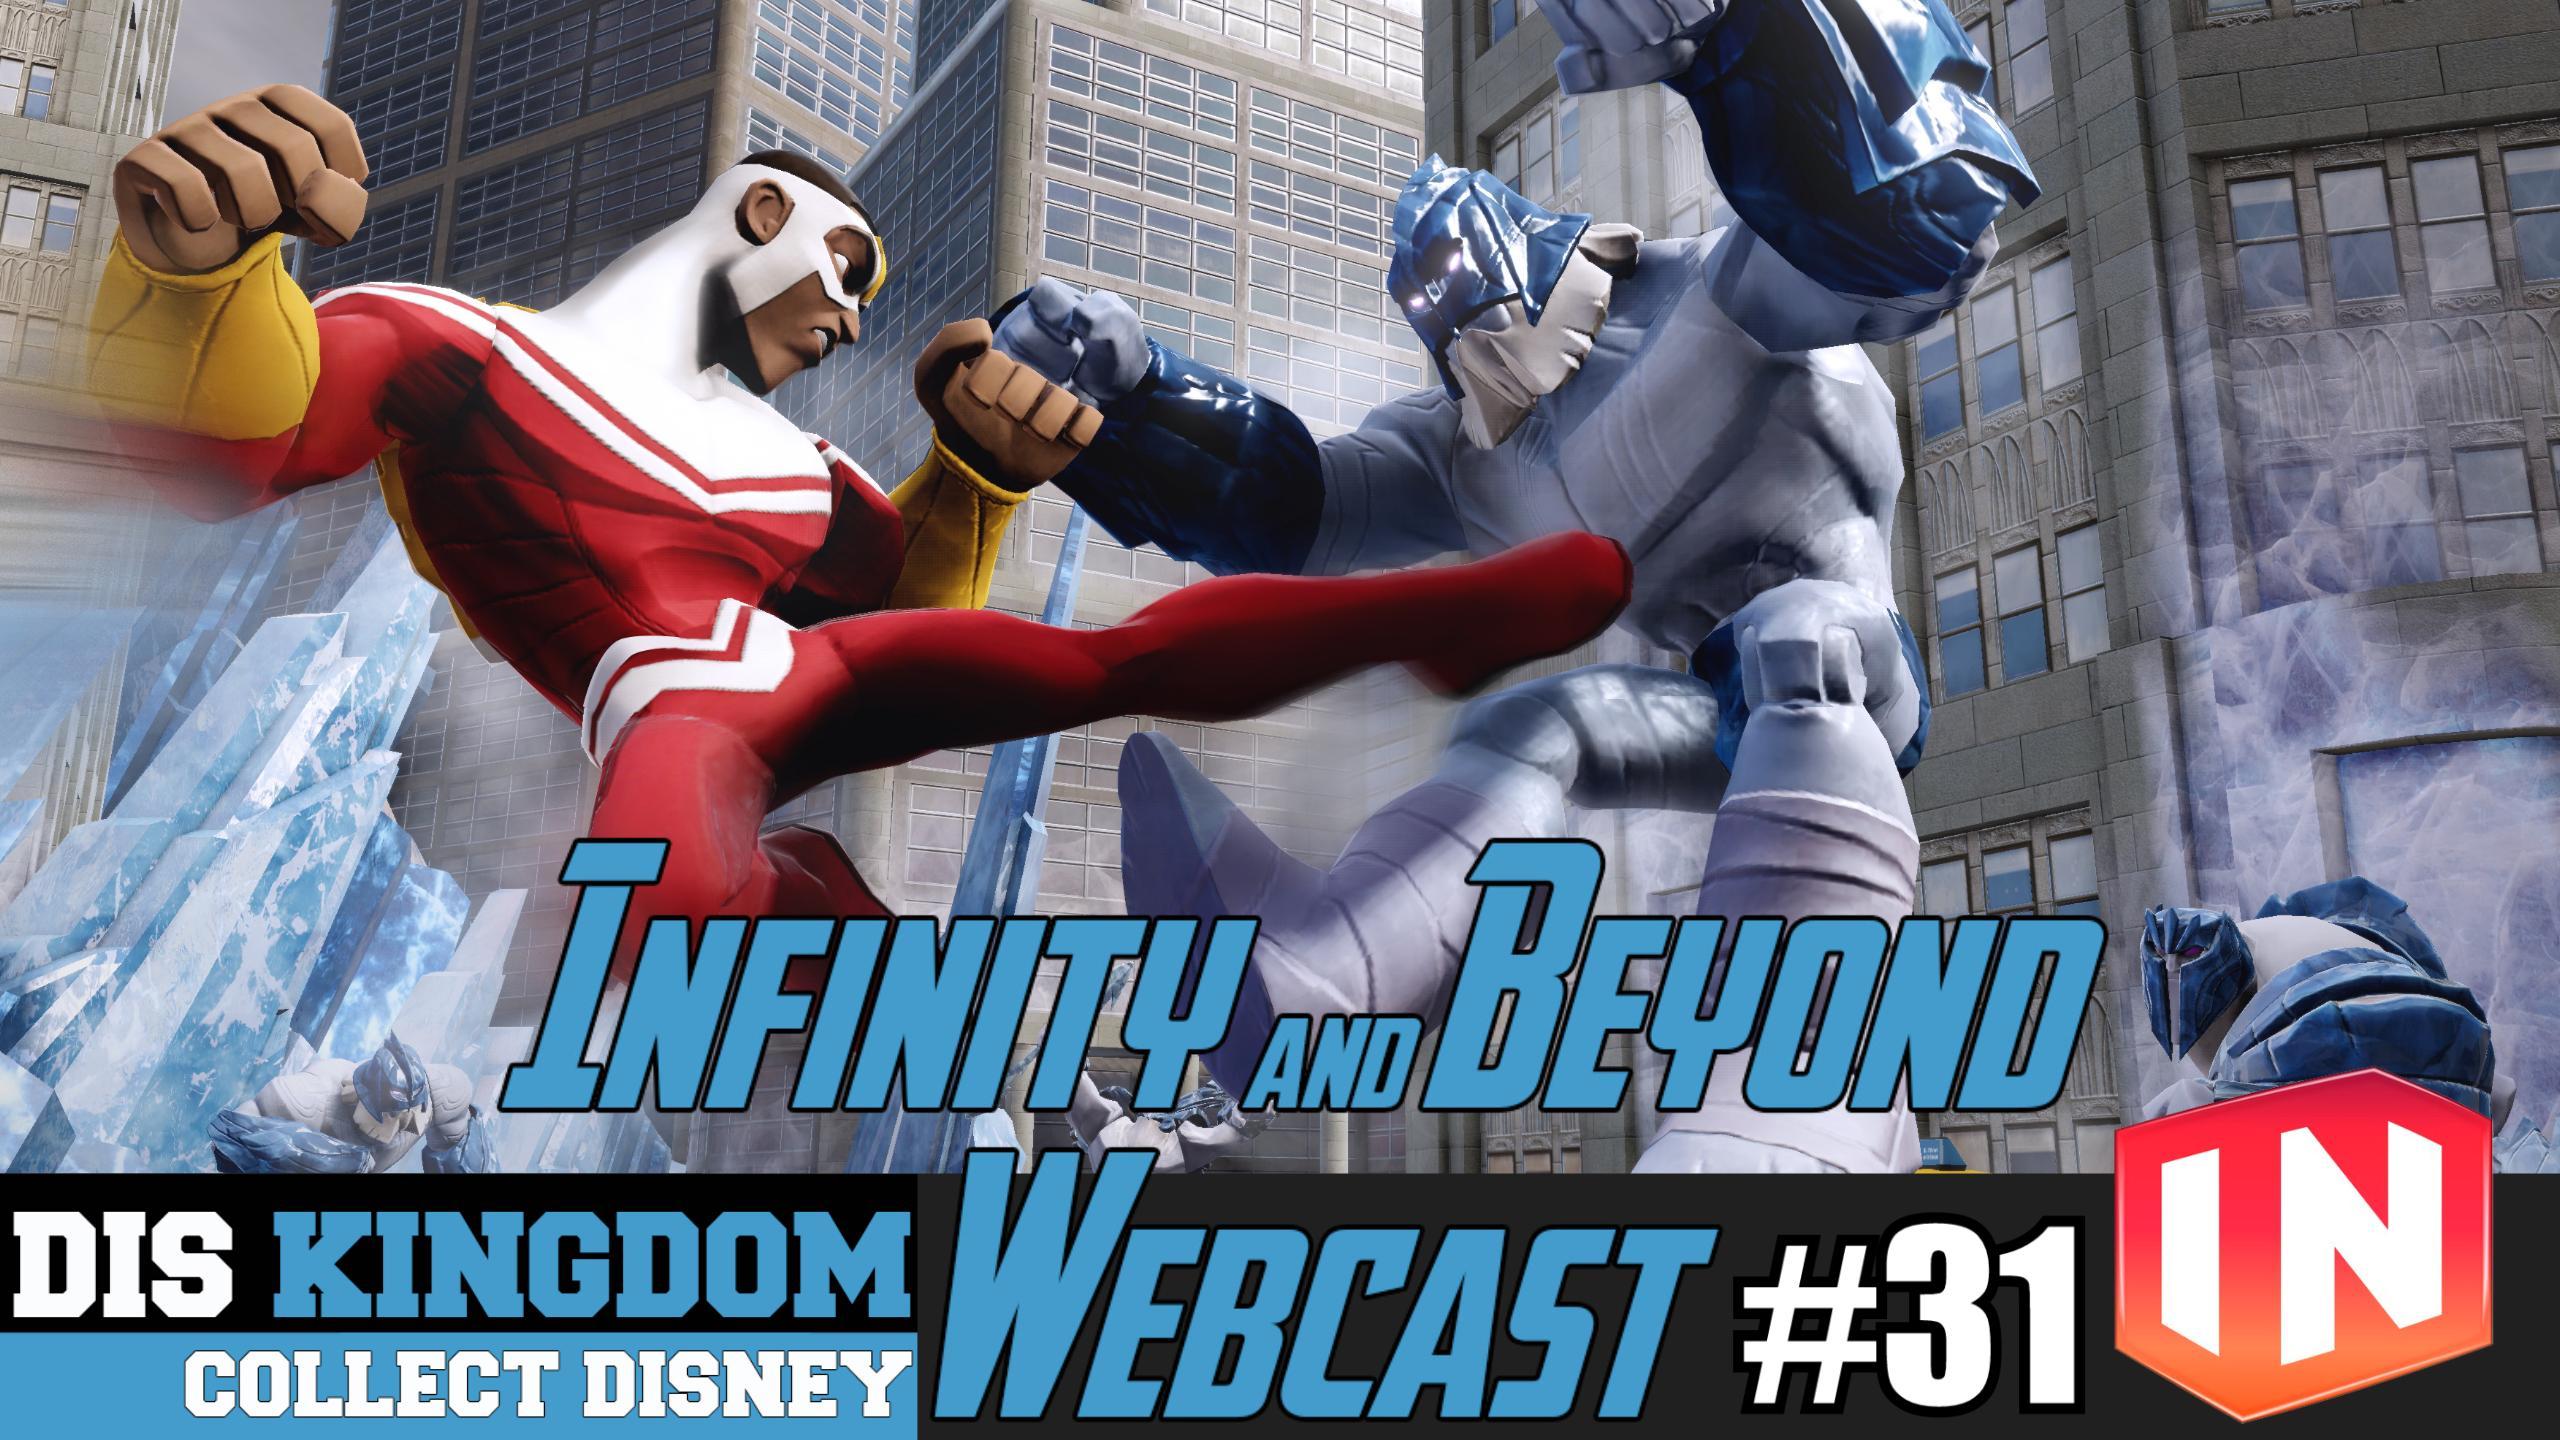 Disney Infinity & Beyond Webcast #31 – Duck Tales & Disney Infinity 3.0 Toy Box Improvements